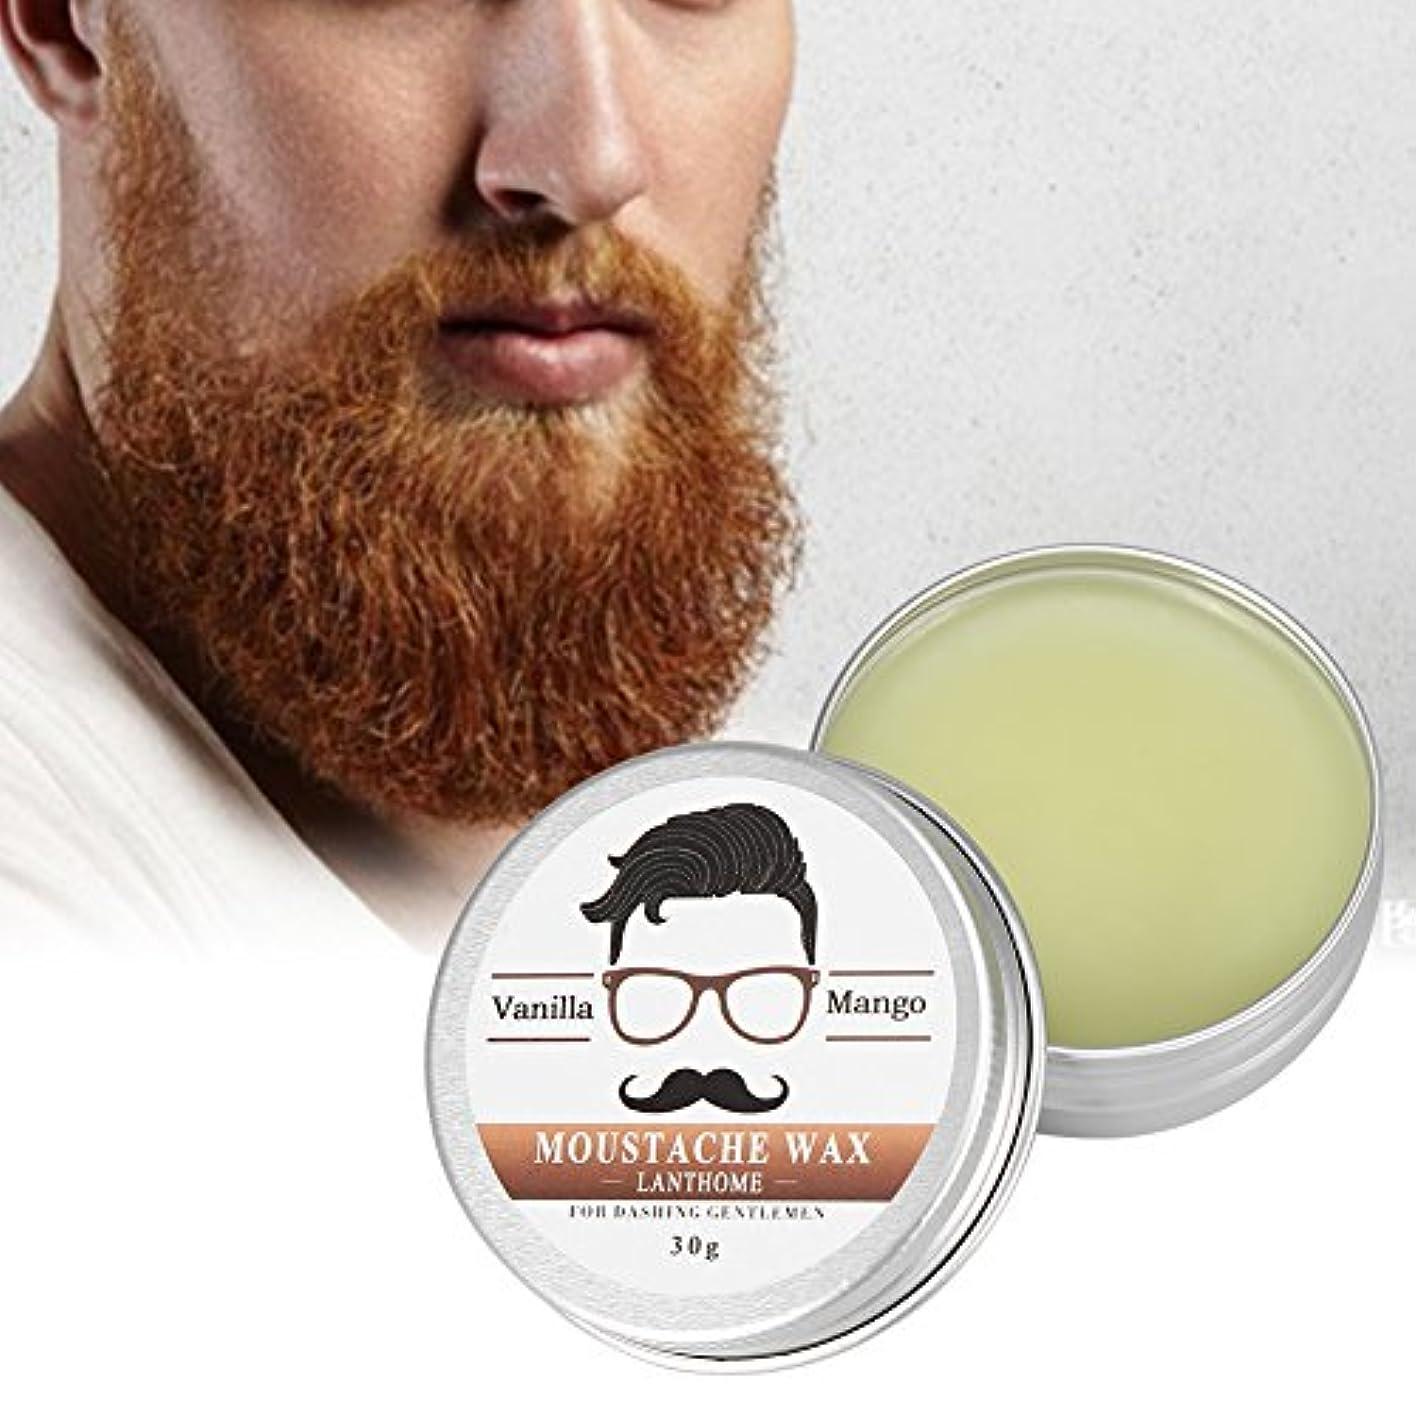 機関斧馬鹿げたビアードワックス ひげクリーム 口髭用 ワックス バーム 男性用 保湿 滋養 ひげ根 ケア